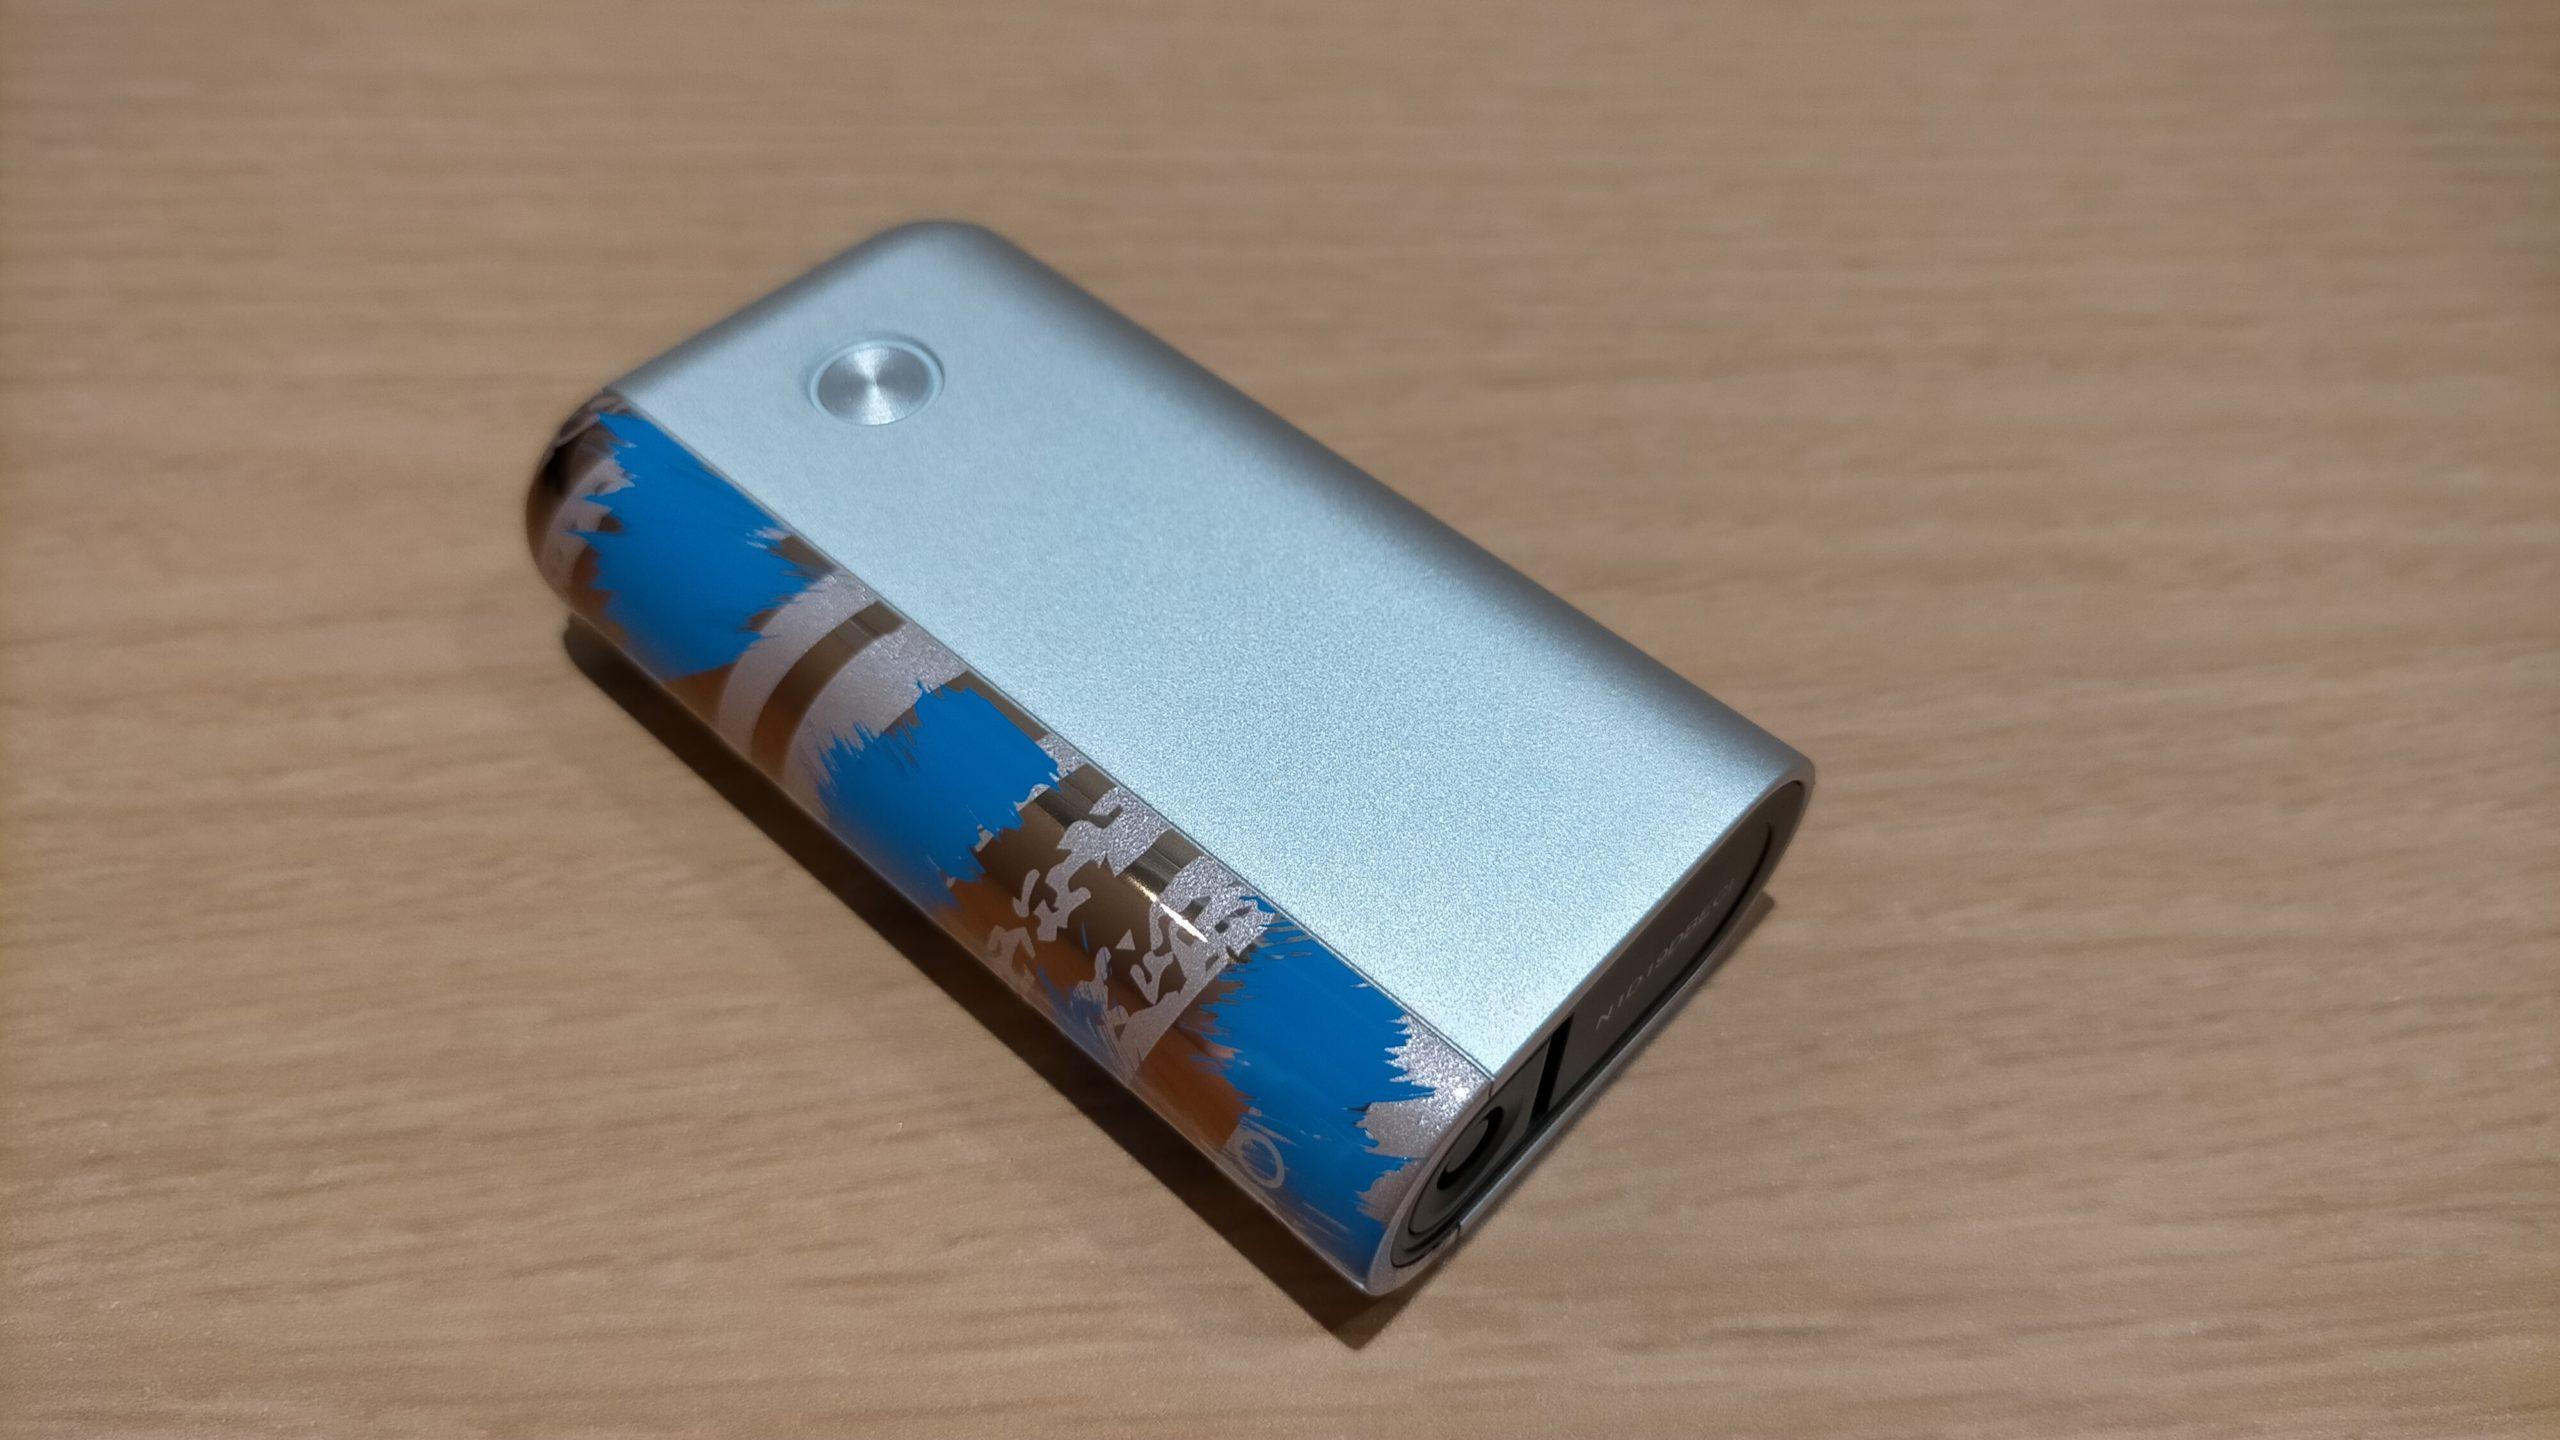 グローハイパープラス限定モデル「ワイルド・エディション」ワイルドアンバー色